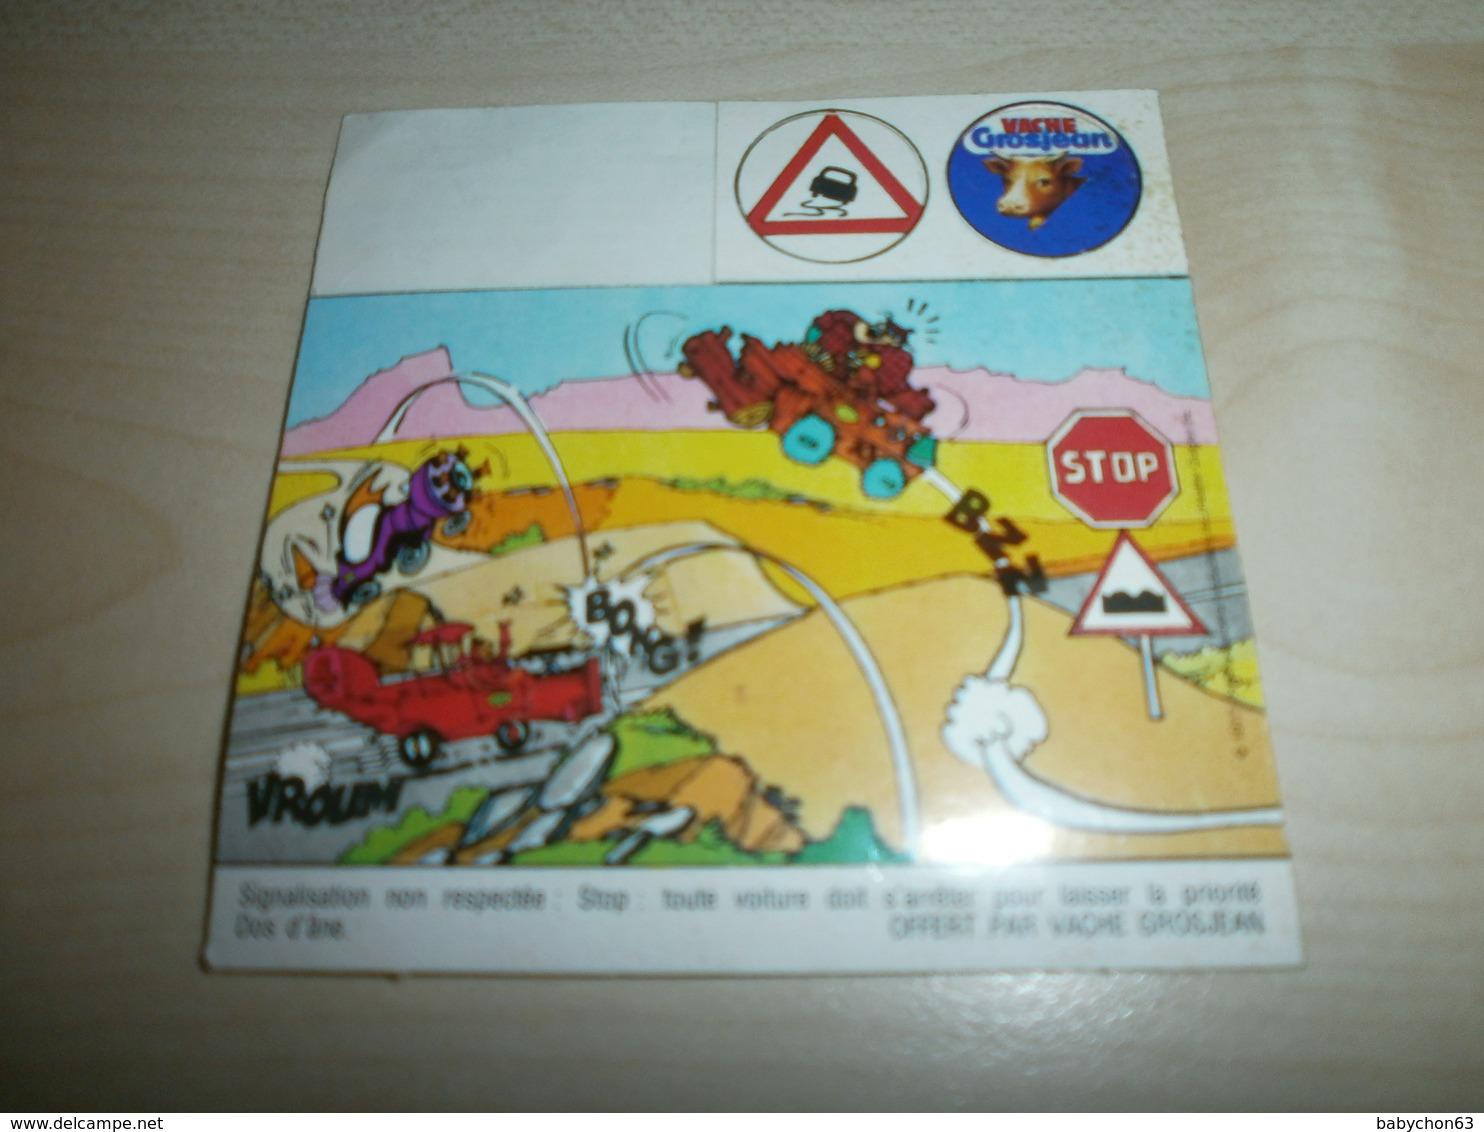 Autocollant   Oofert Par Vache Grosjean  SIGNALISATION - Trade Cards